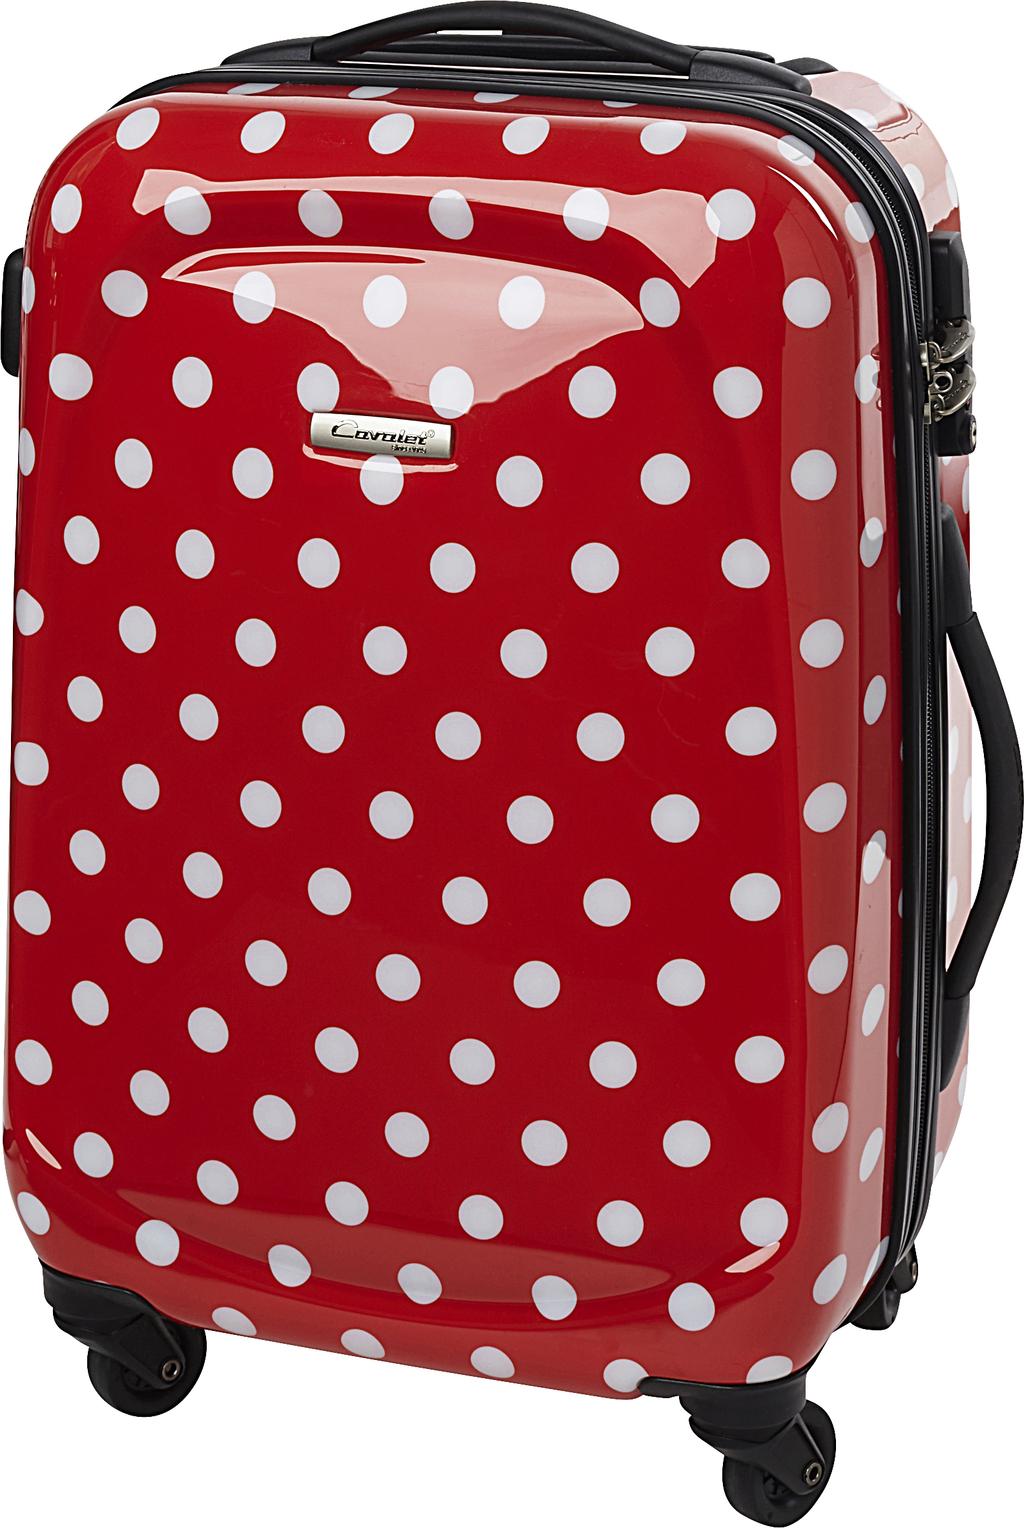 billiga resväskor ica maxi